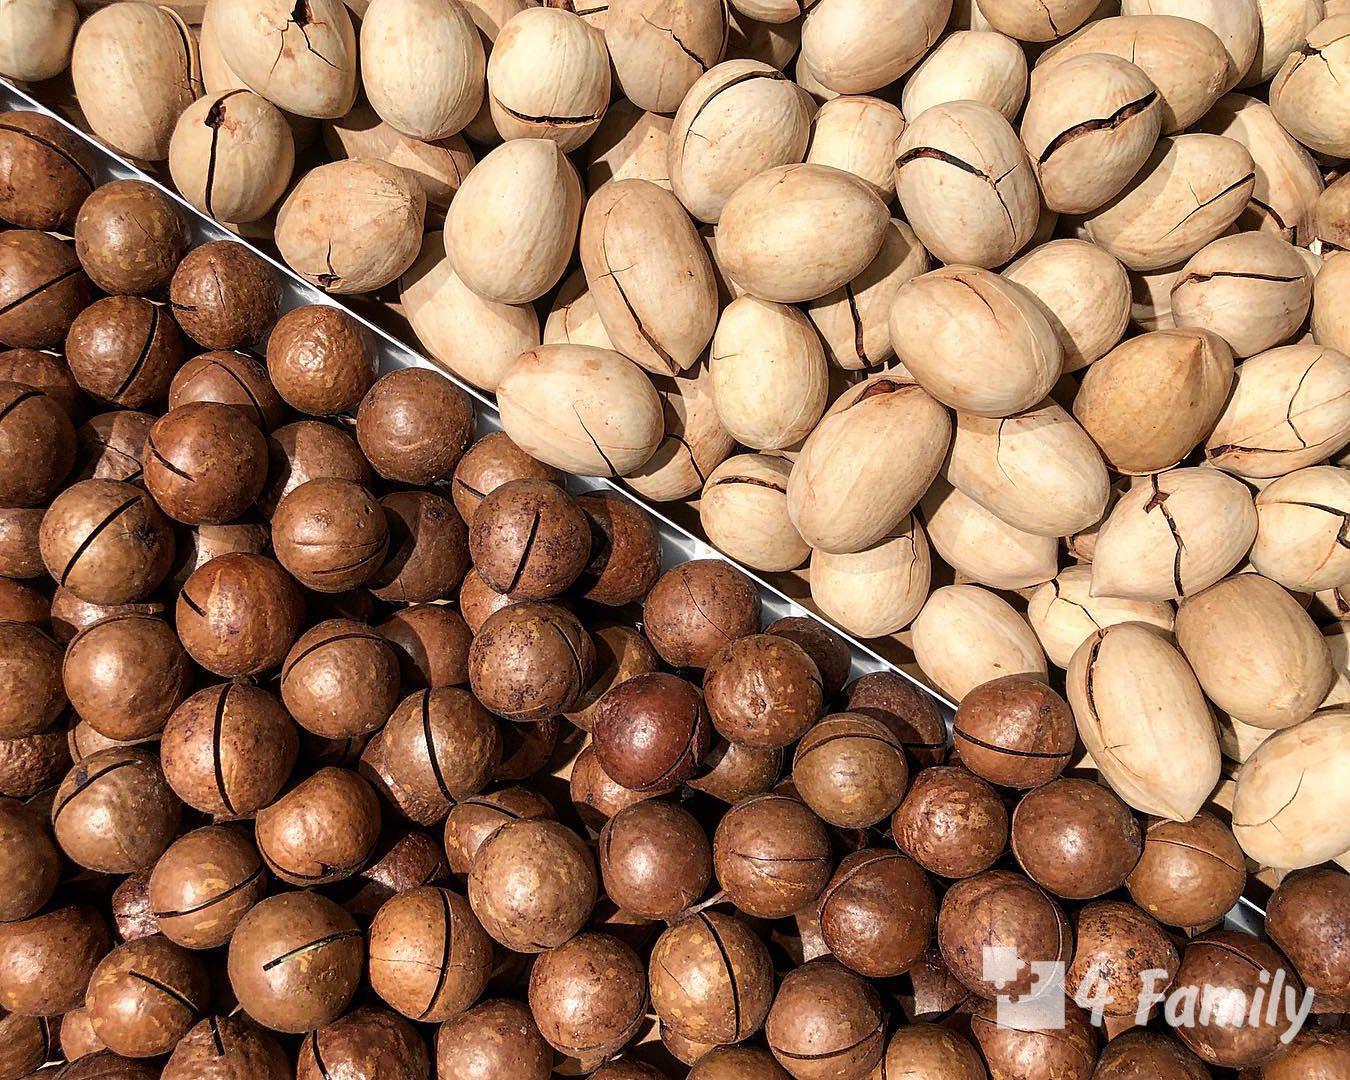 Полезные свойства орехов разного вида для организма человека